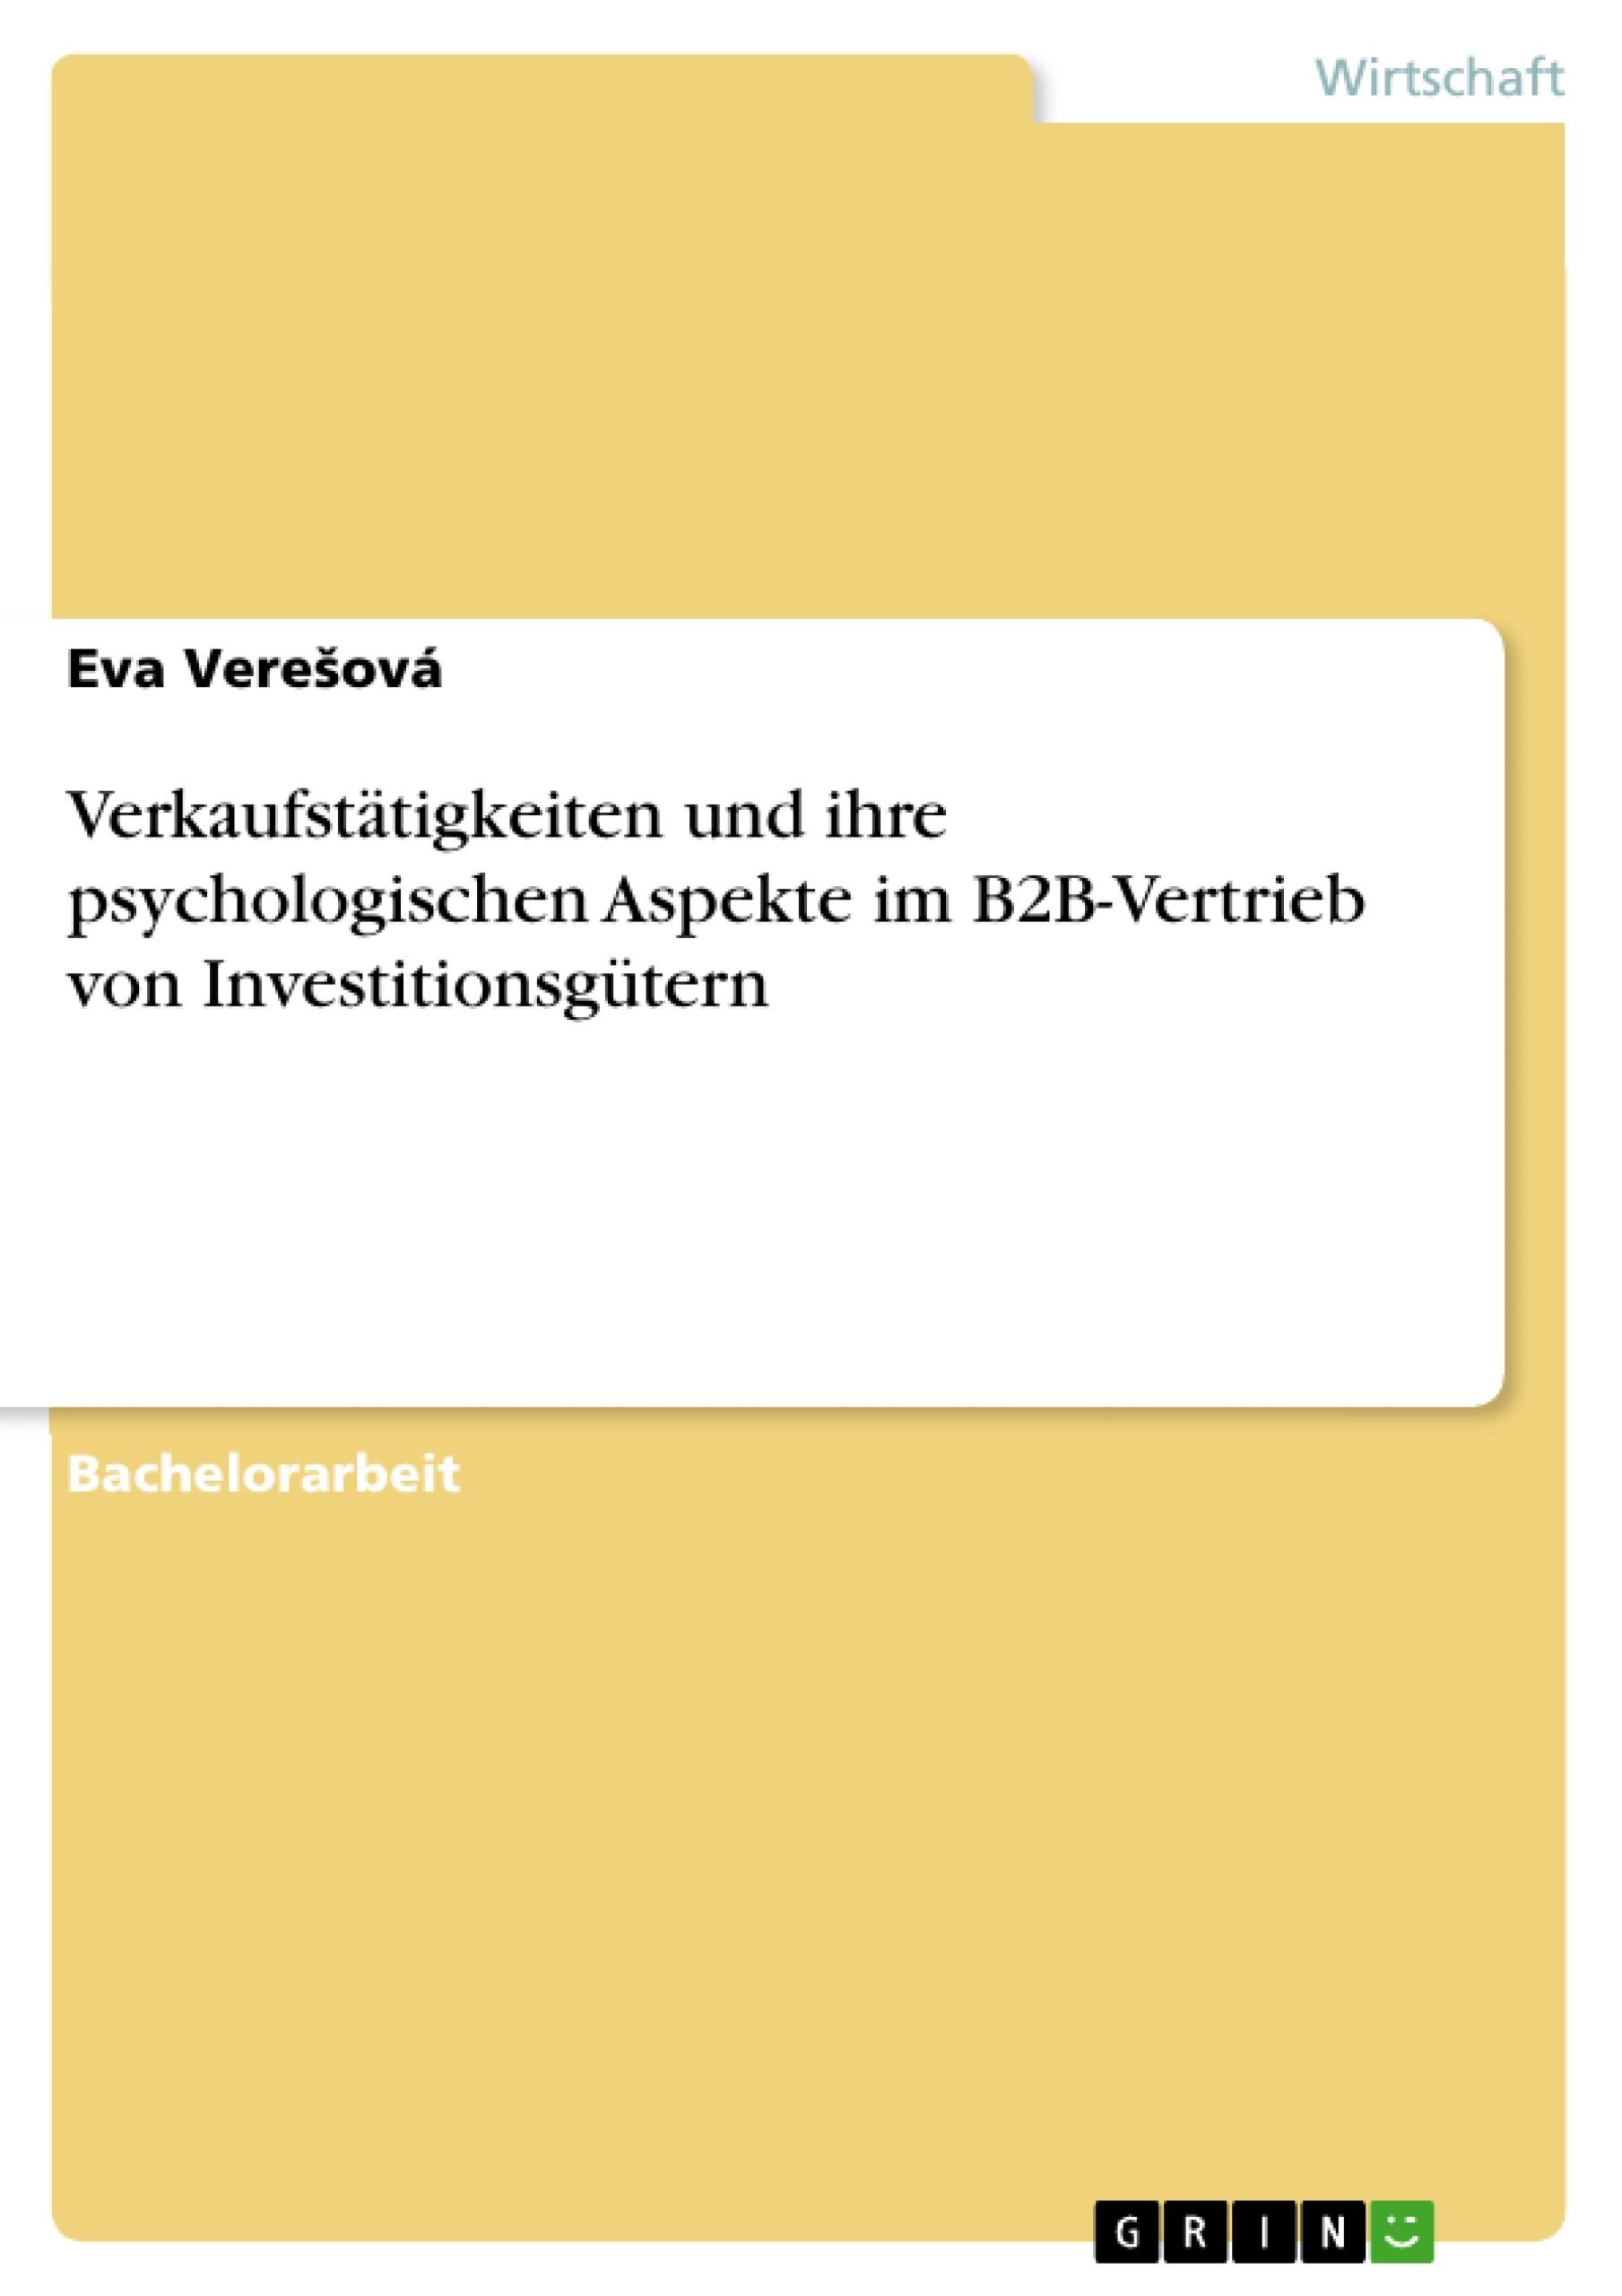 Titel: Verkaufstätigkeiten und ihre psychologischen Aspekte im B2B-Vertrieb von Investitionsgütern